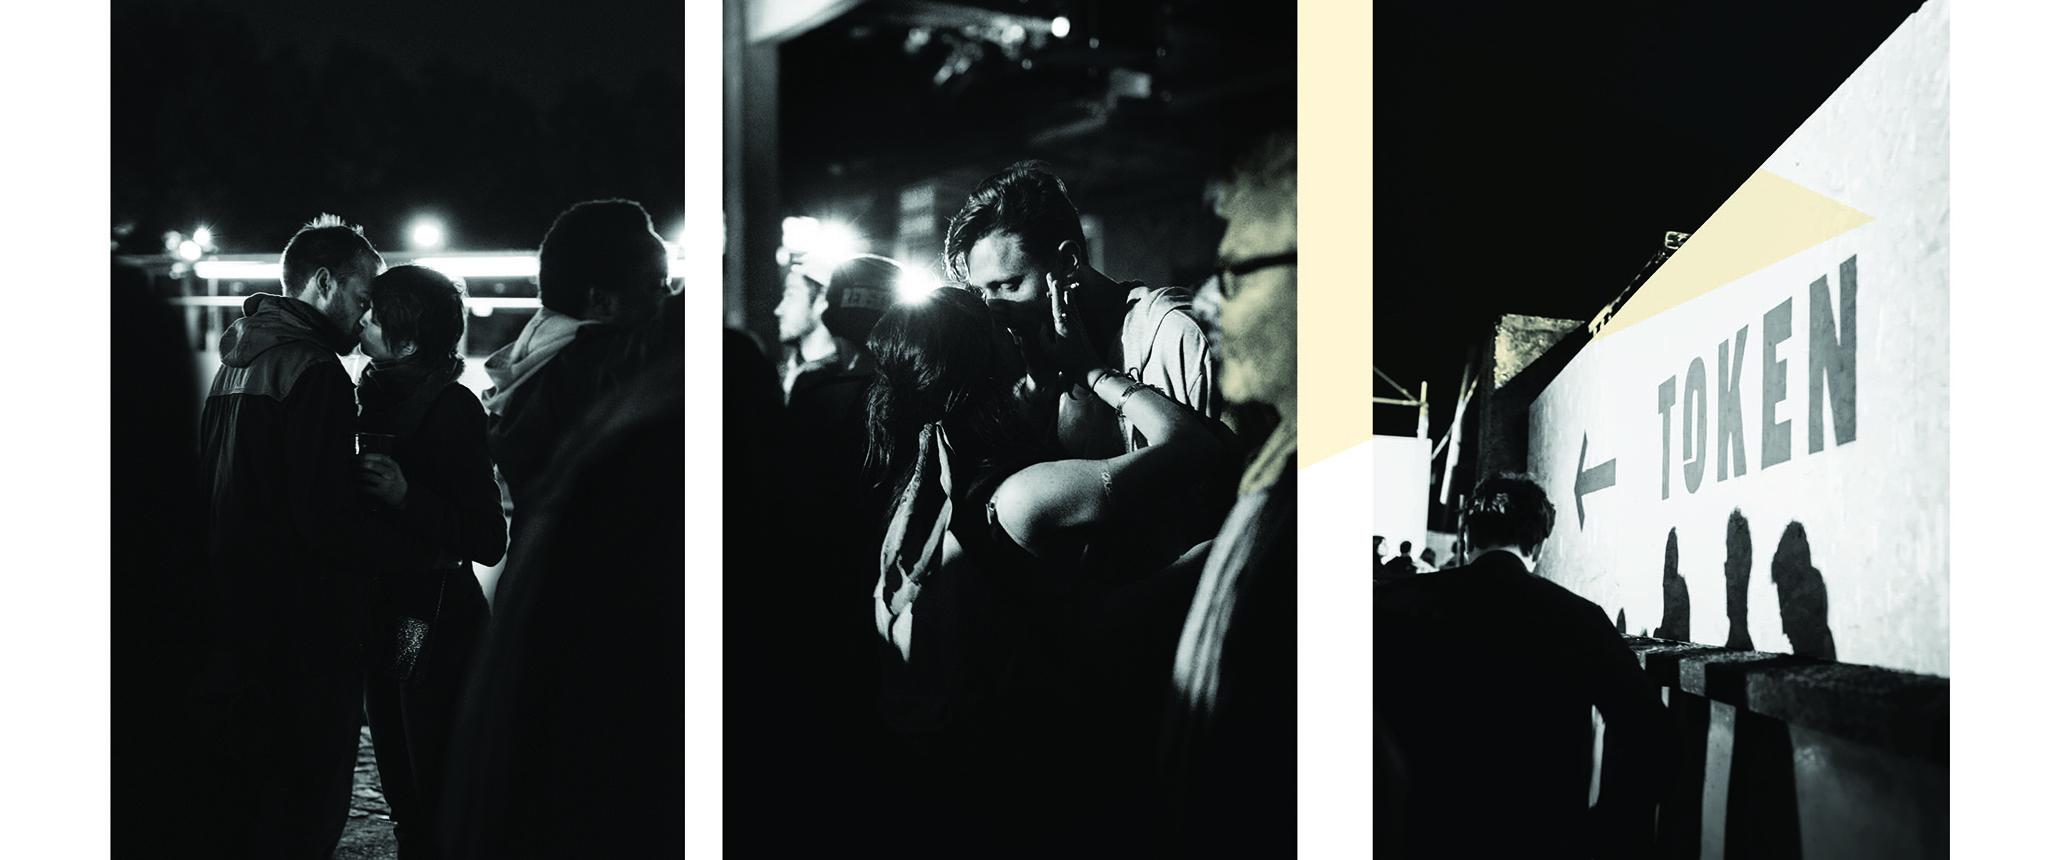 en direct,Studio,cours de photo Lyon,Nikon,concert,mondial,Cours photo,cours de photo Lyon,Cours photo,Nikon,photographie evenementielle,en direct,mondial,chanteur,mondial,chanteur,Studio photo